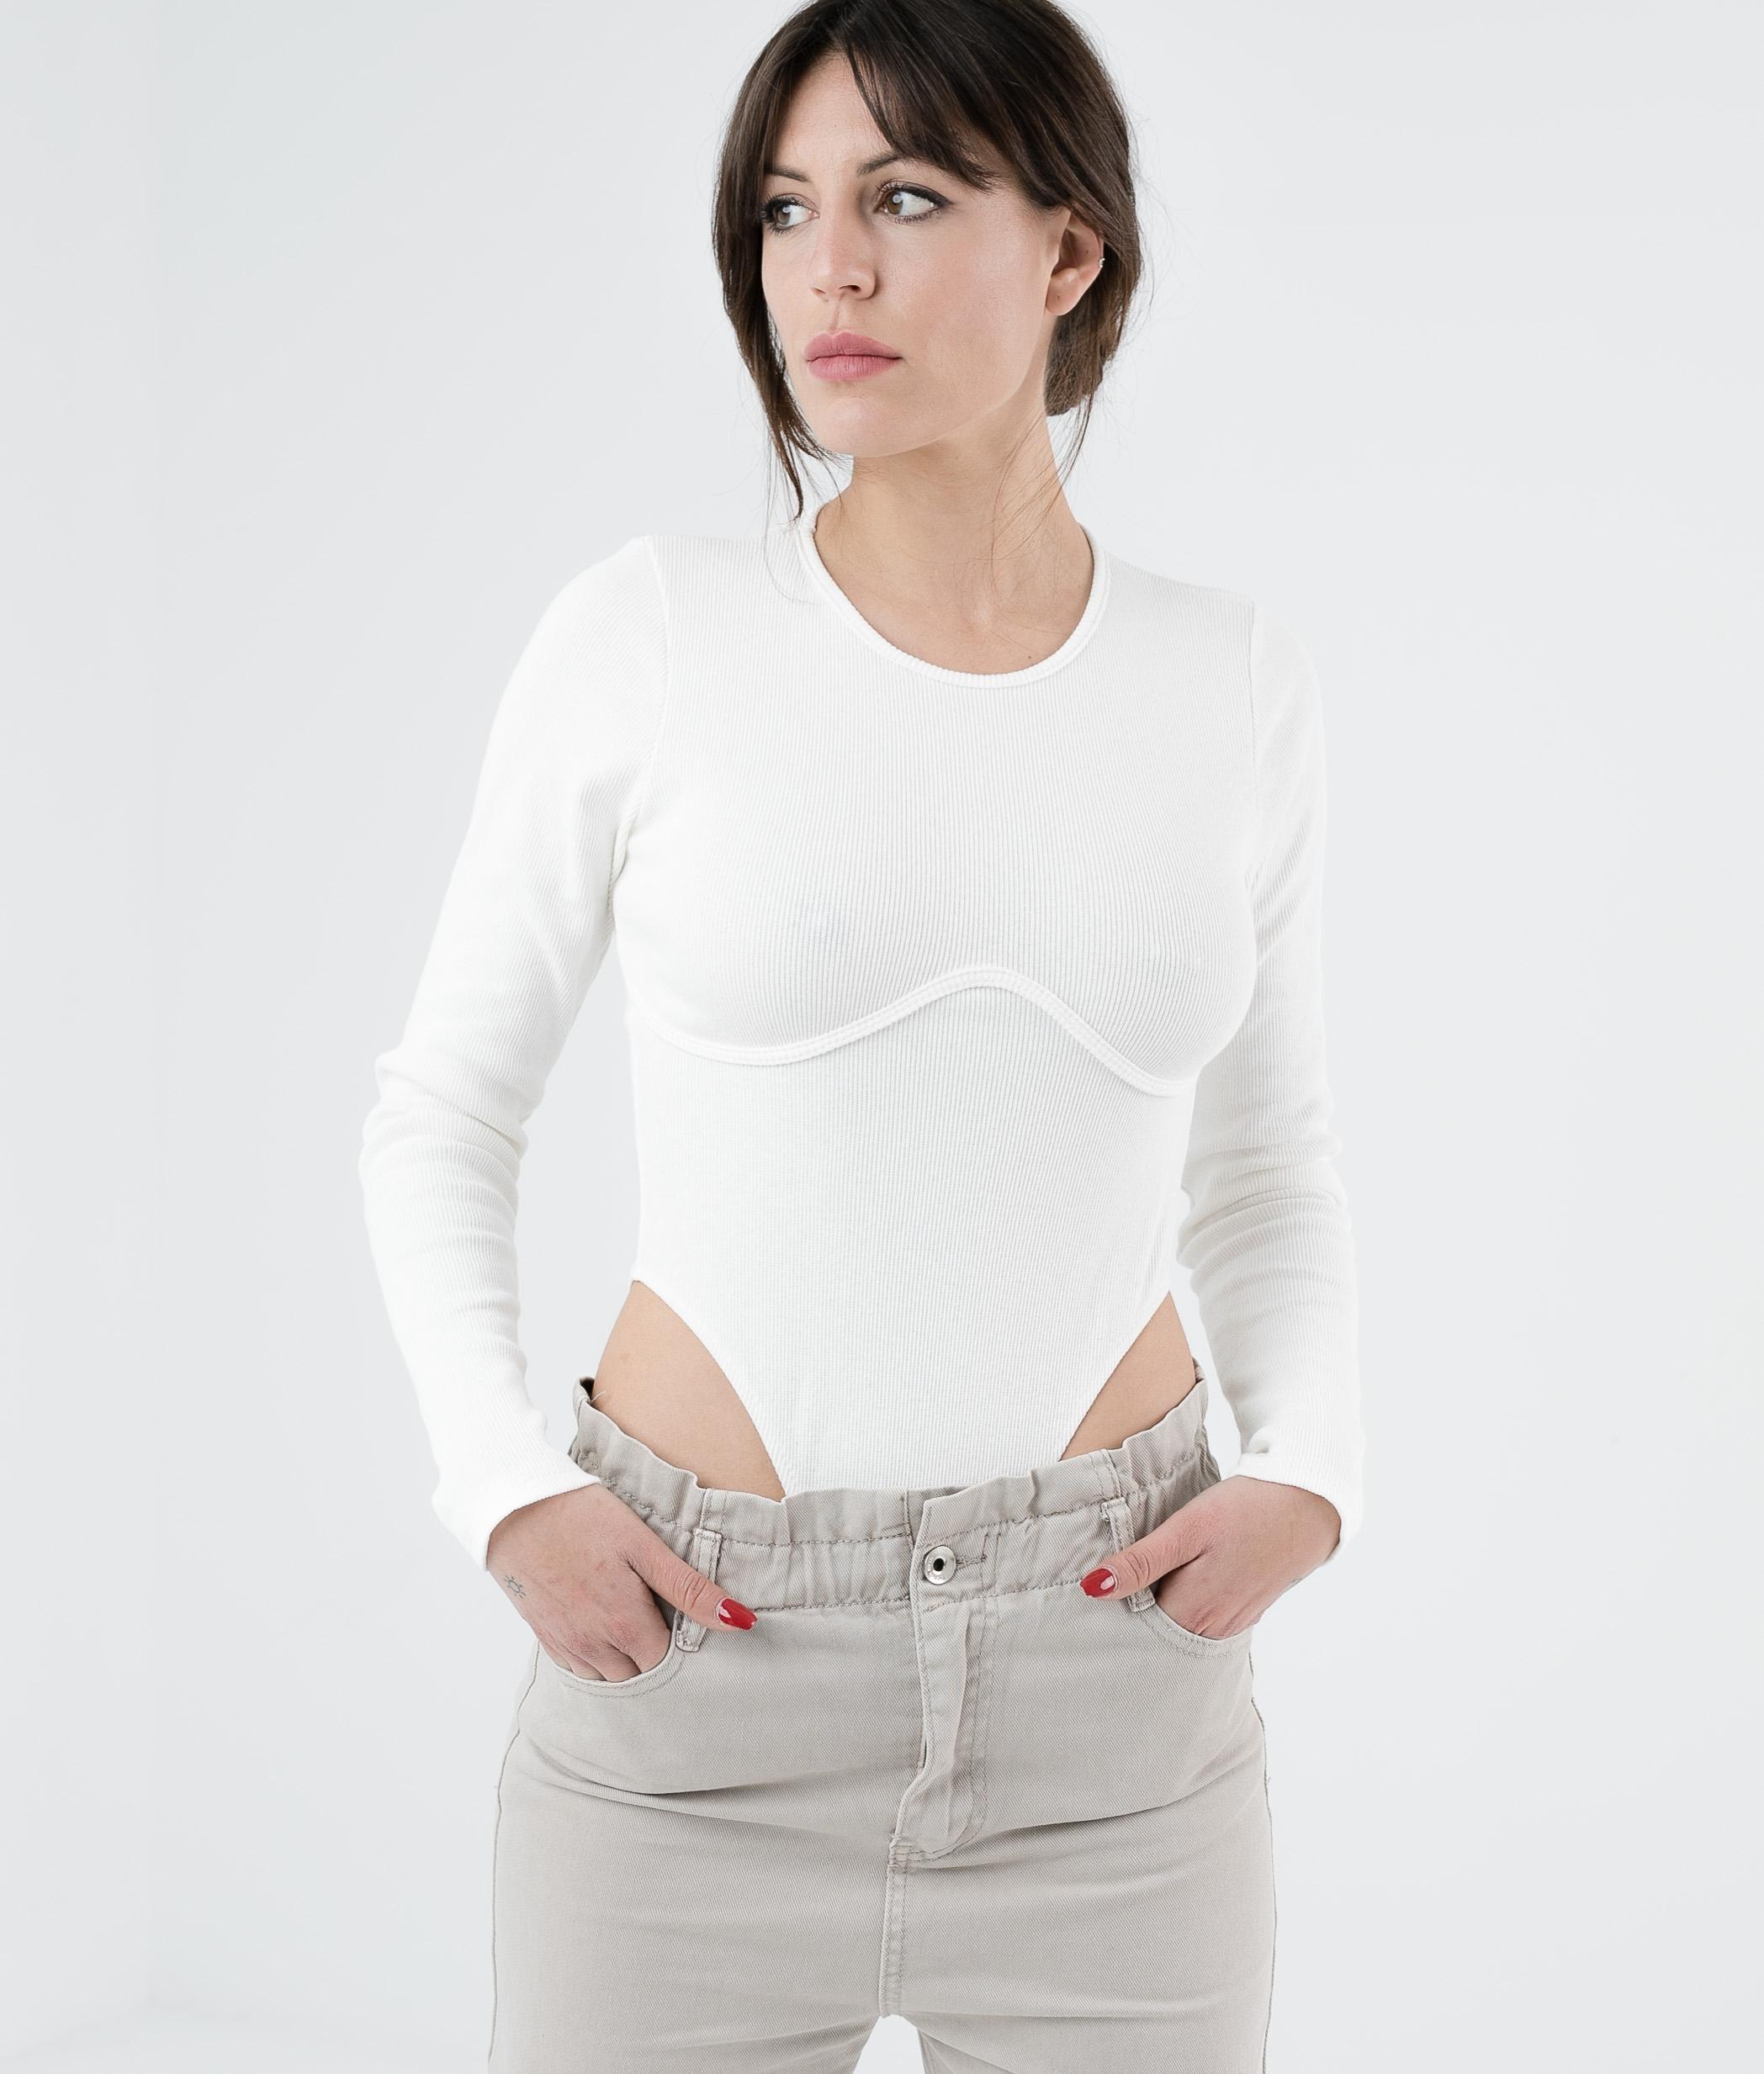 BODY BUNTI - WHITE